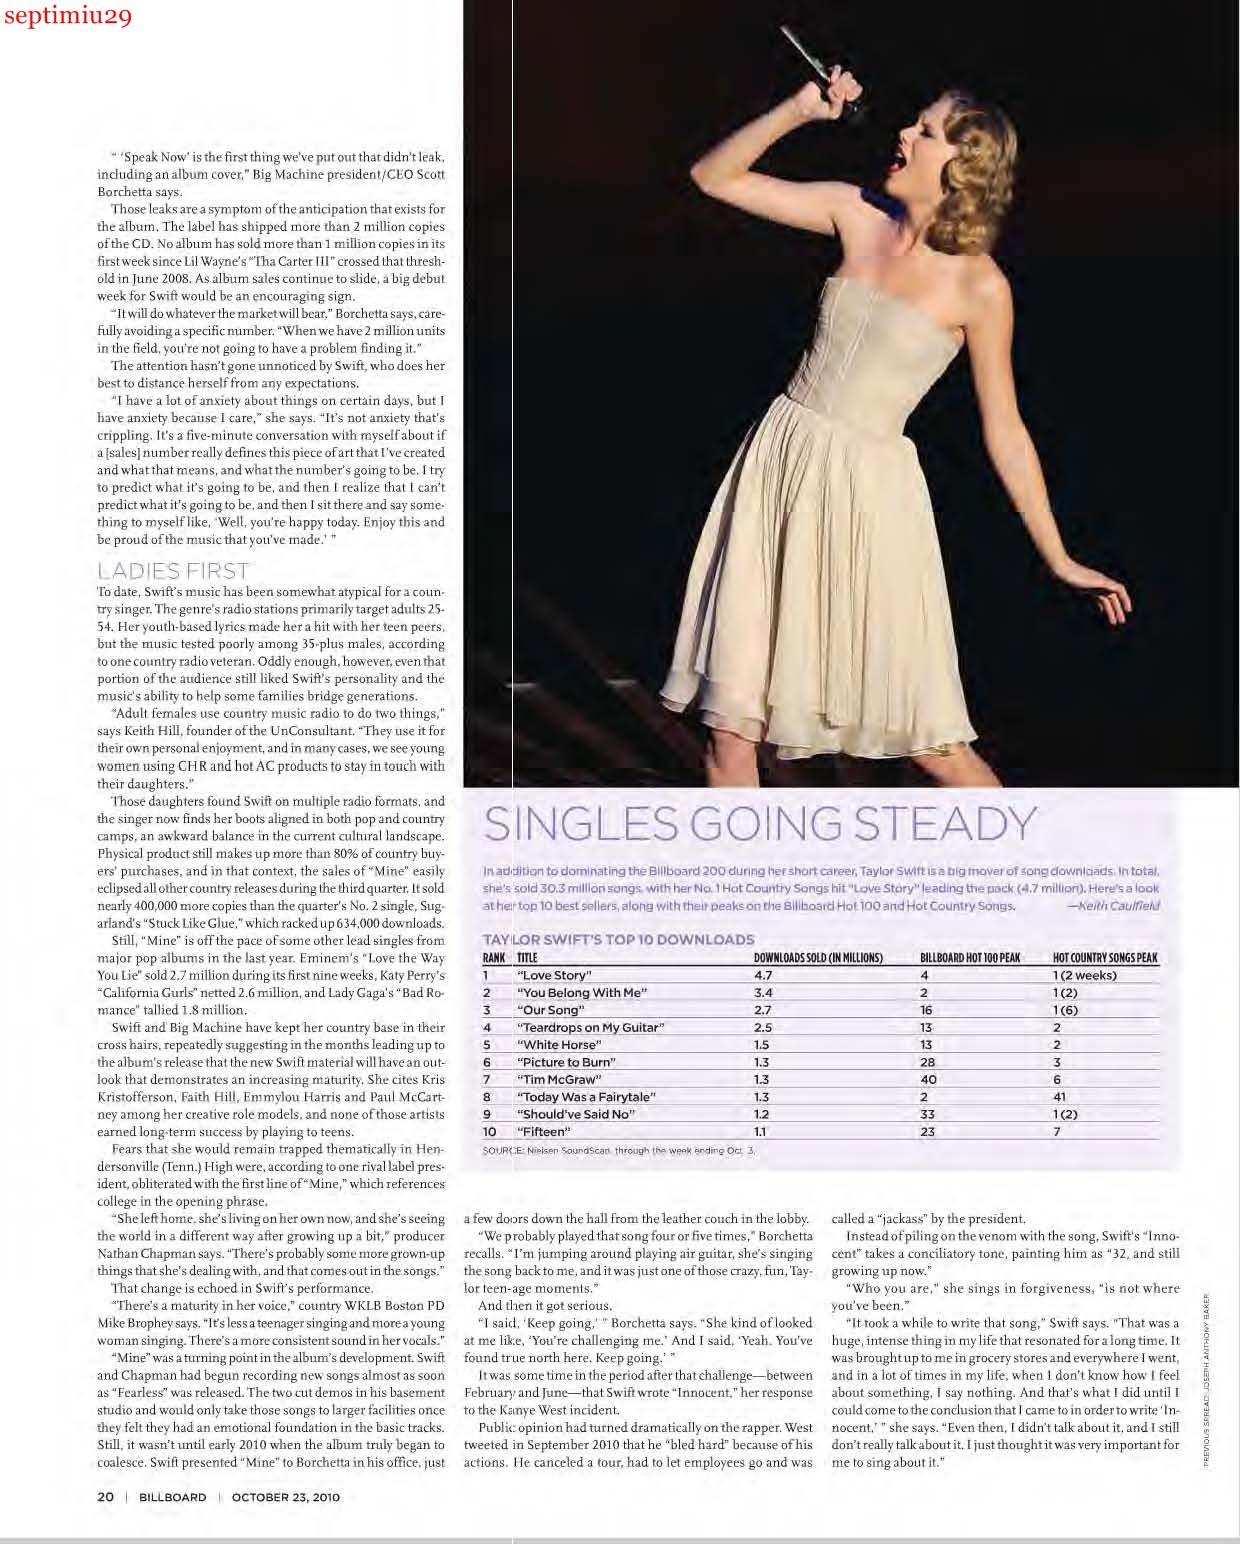 97396_septimiu29_TaylorSwift_Billboard_23Oct20104_122_339lo.jpg